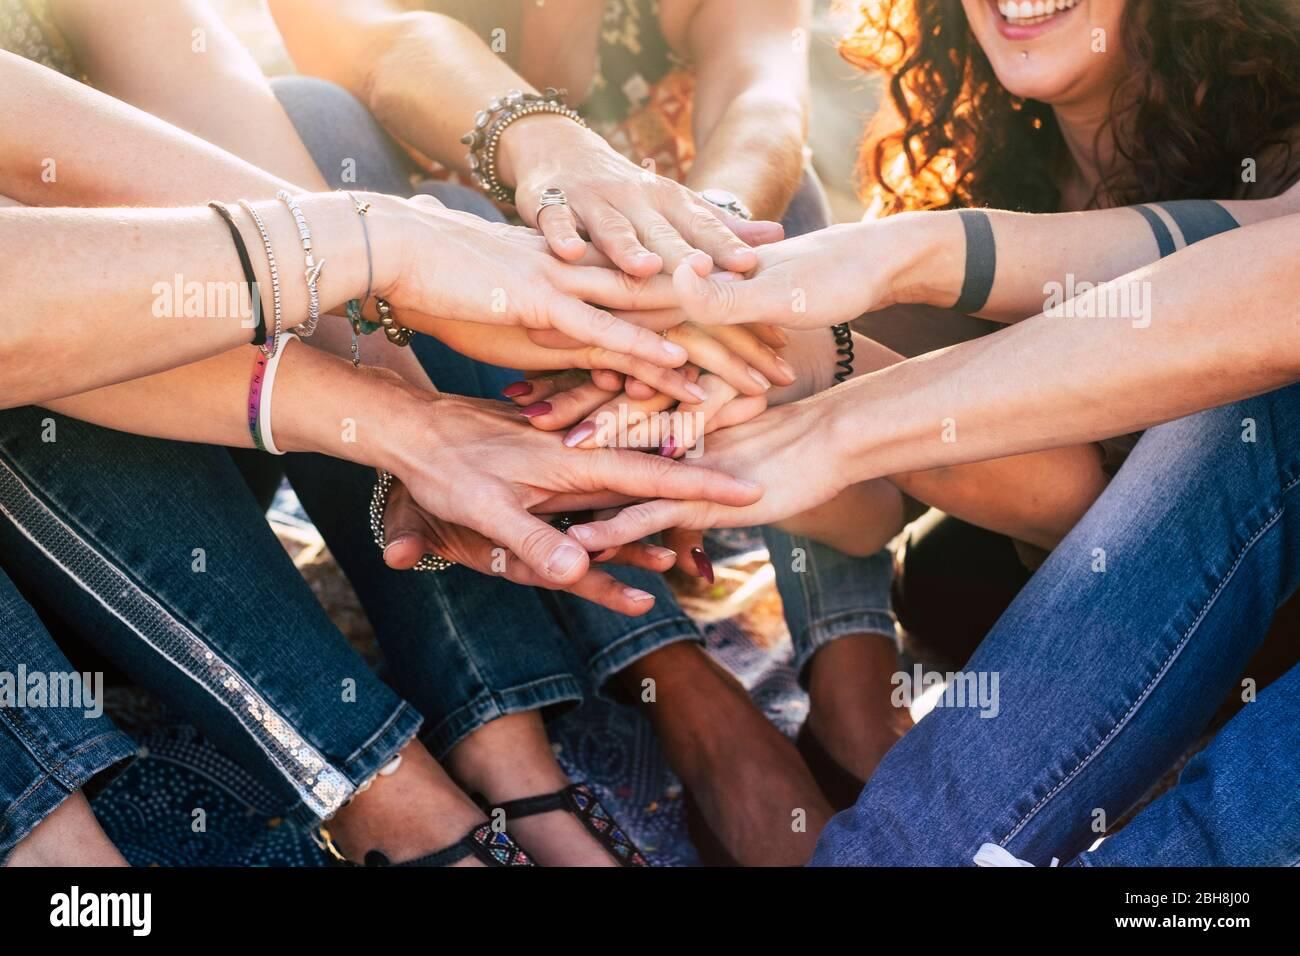 Felicidad y estilo de vida alegre para las chicas del concepto de equipo poniendo las manos juntas para siempre amigos - felicidad y amistad grupo de mujeres sonríe y se divierten con el sol en la retroiluminación Foto de stock